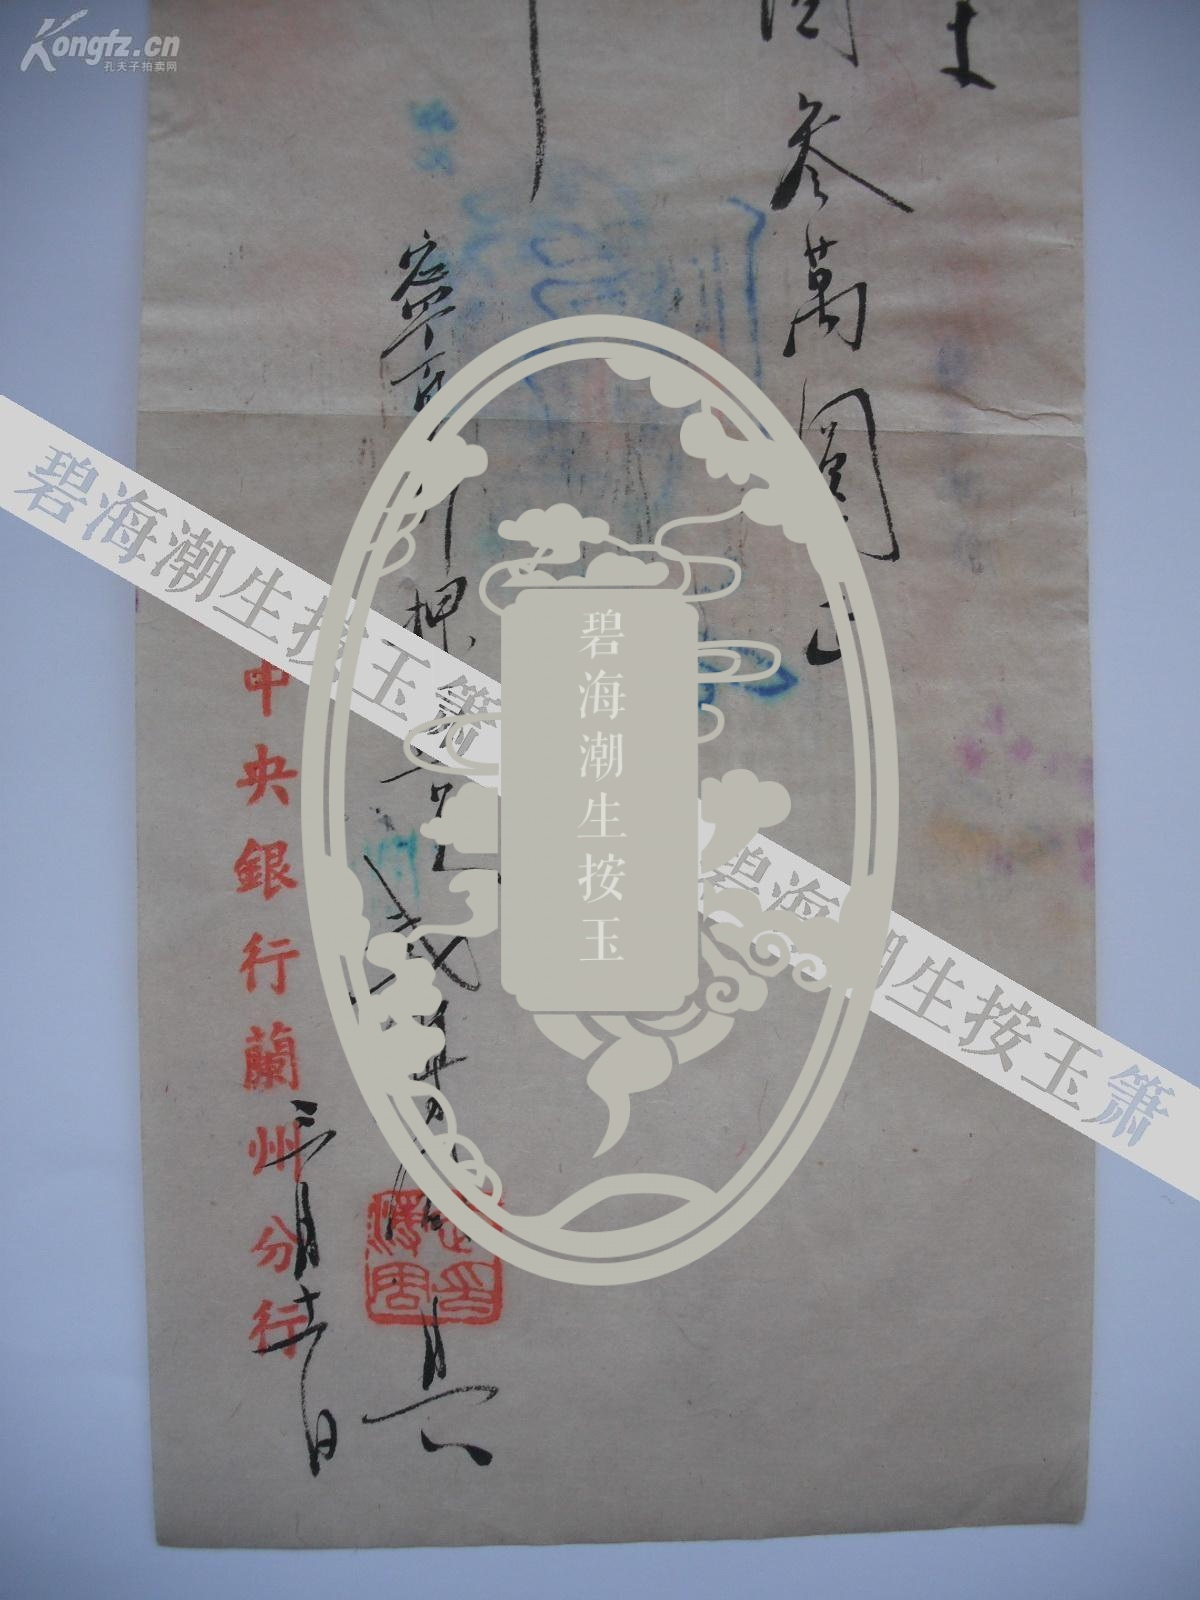 民国中央银行兰州毛笔【明珠手写】叁万元借条对口分行小学苑图片